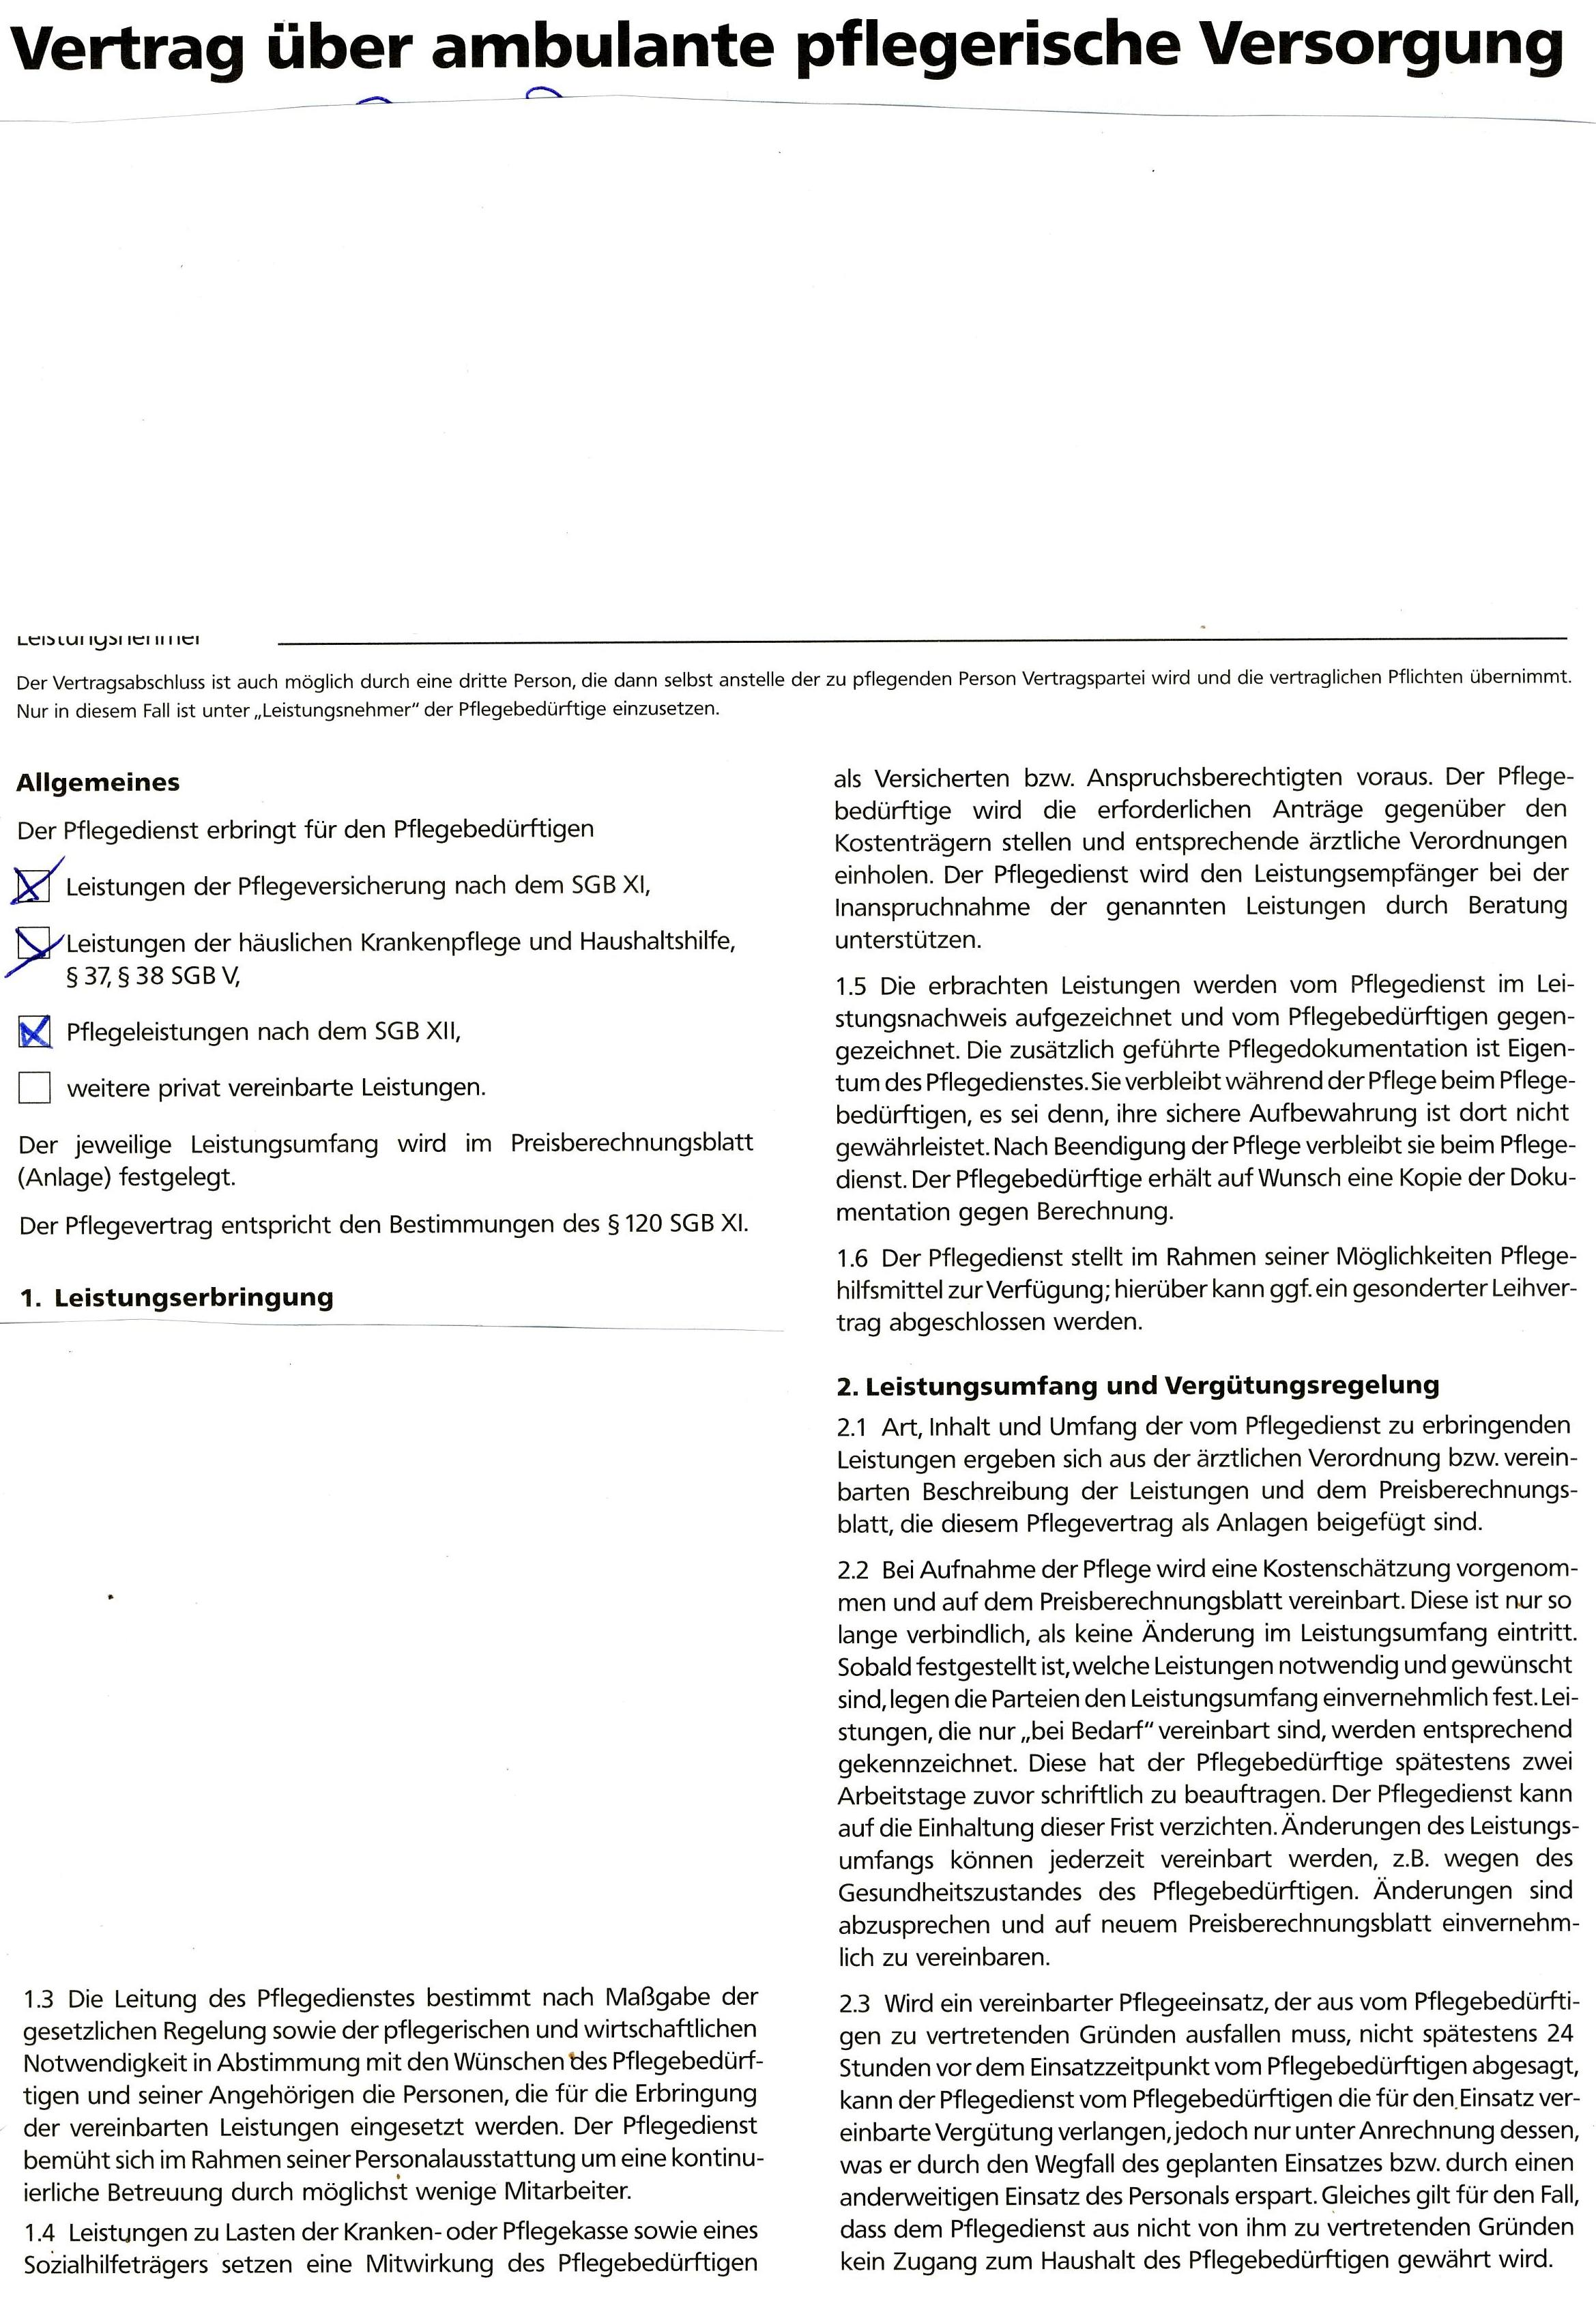 Ausgezeichnet Pflegerische Pflichten Fortsetzen Bilder - Entry Level ...